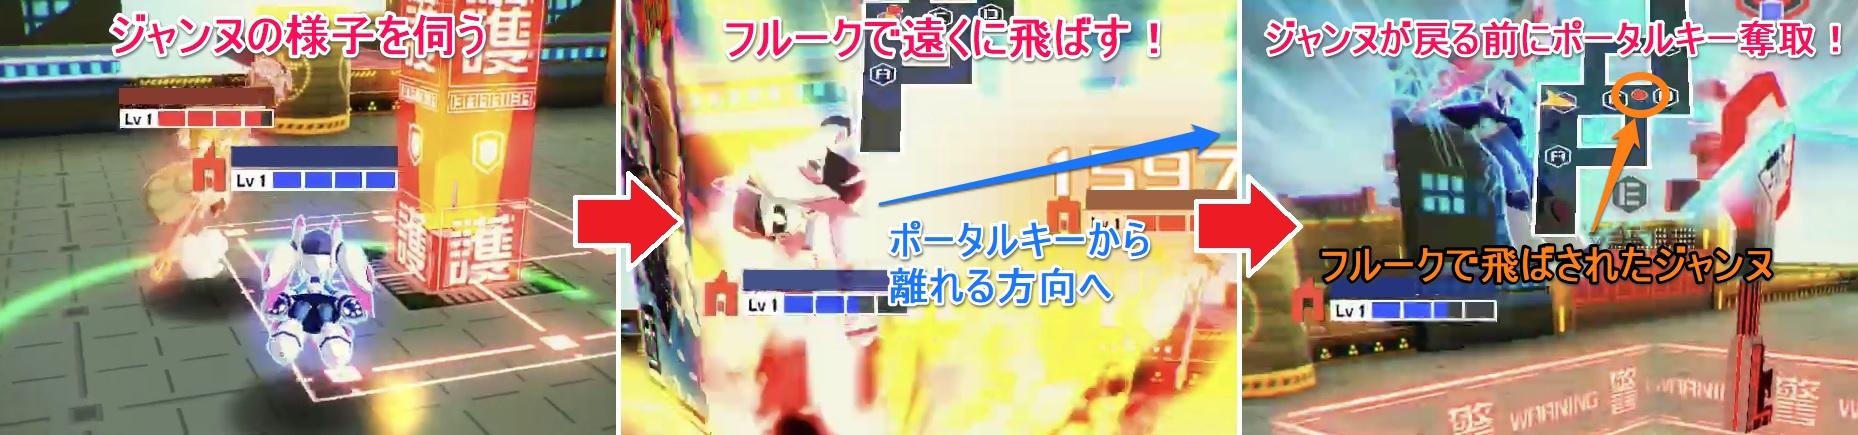 #コンパス【カード】:シンプルなようで奥が深い!「近距離攻撃カード」について徹底解説